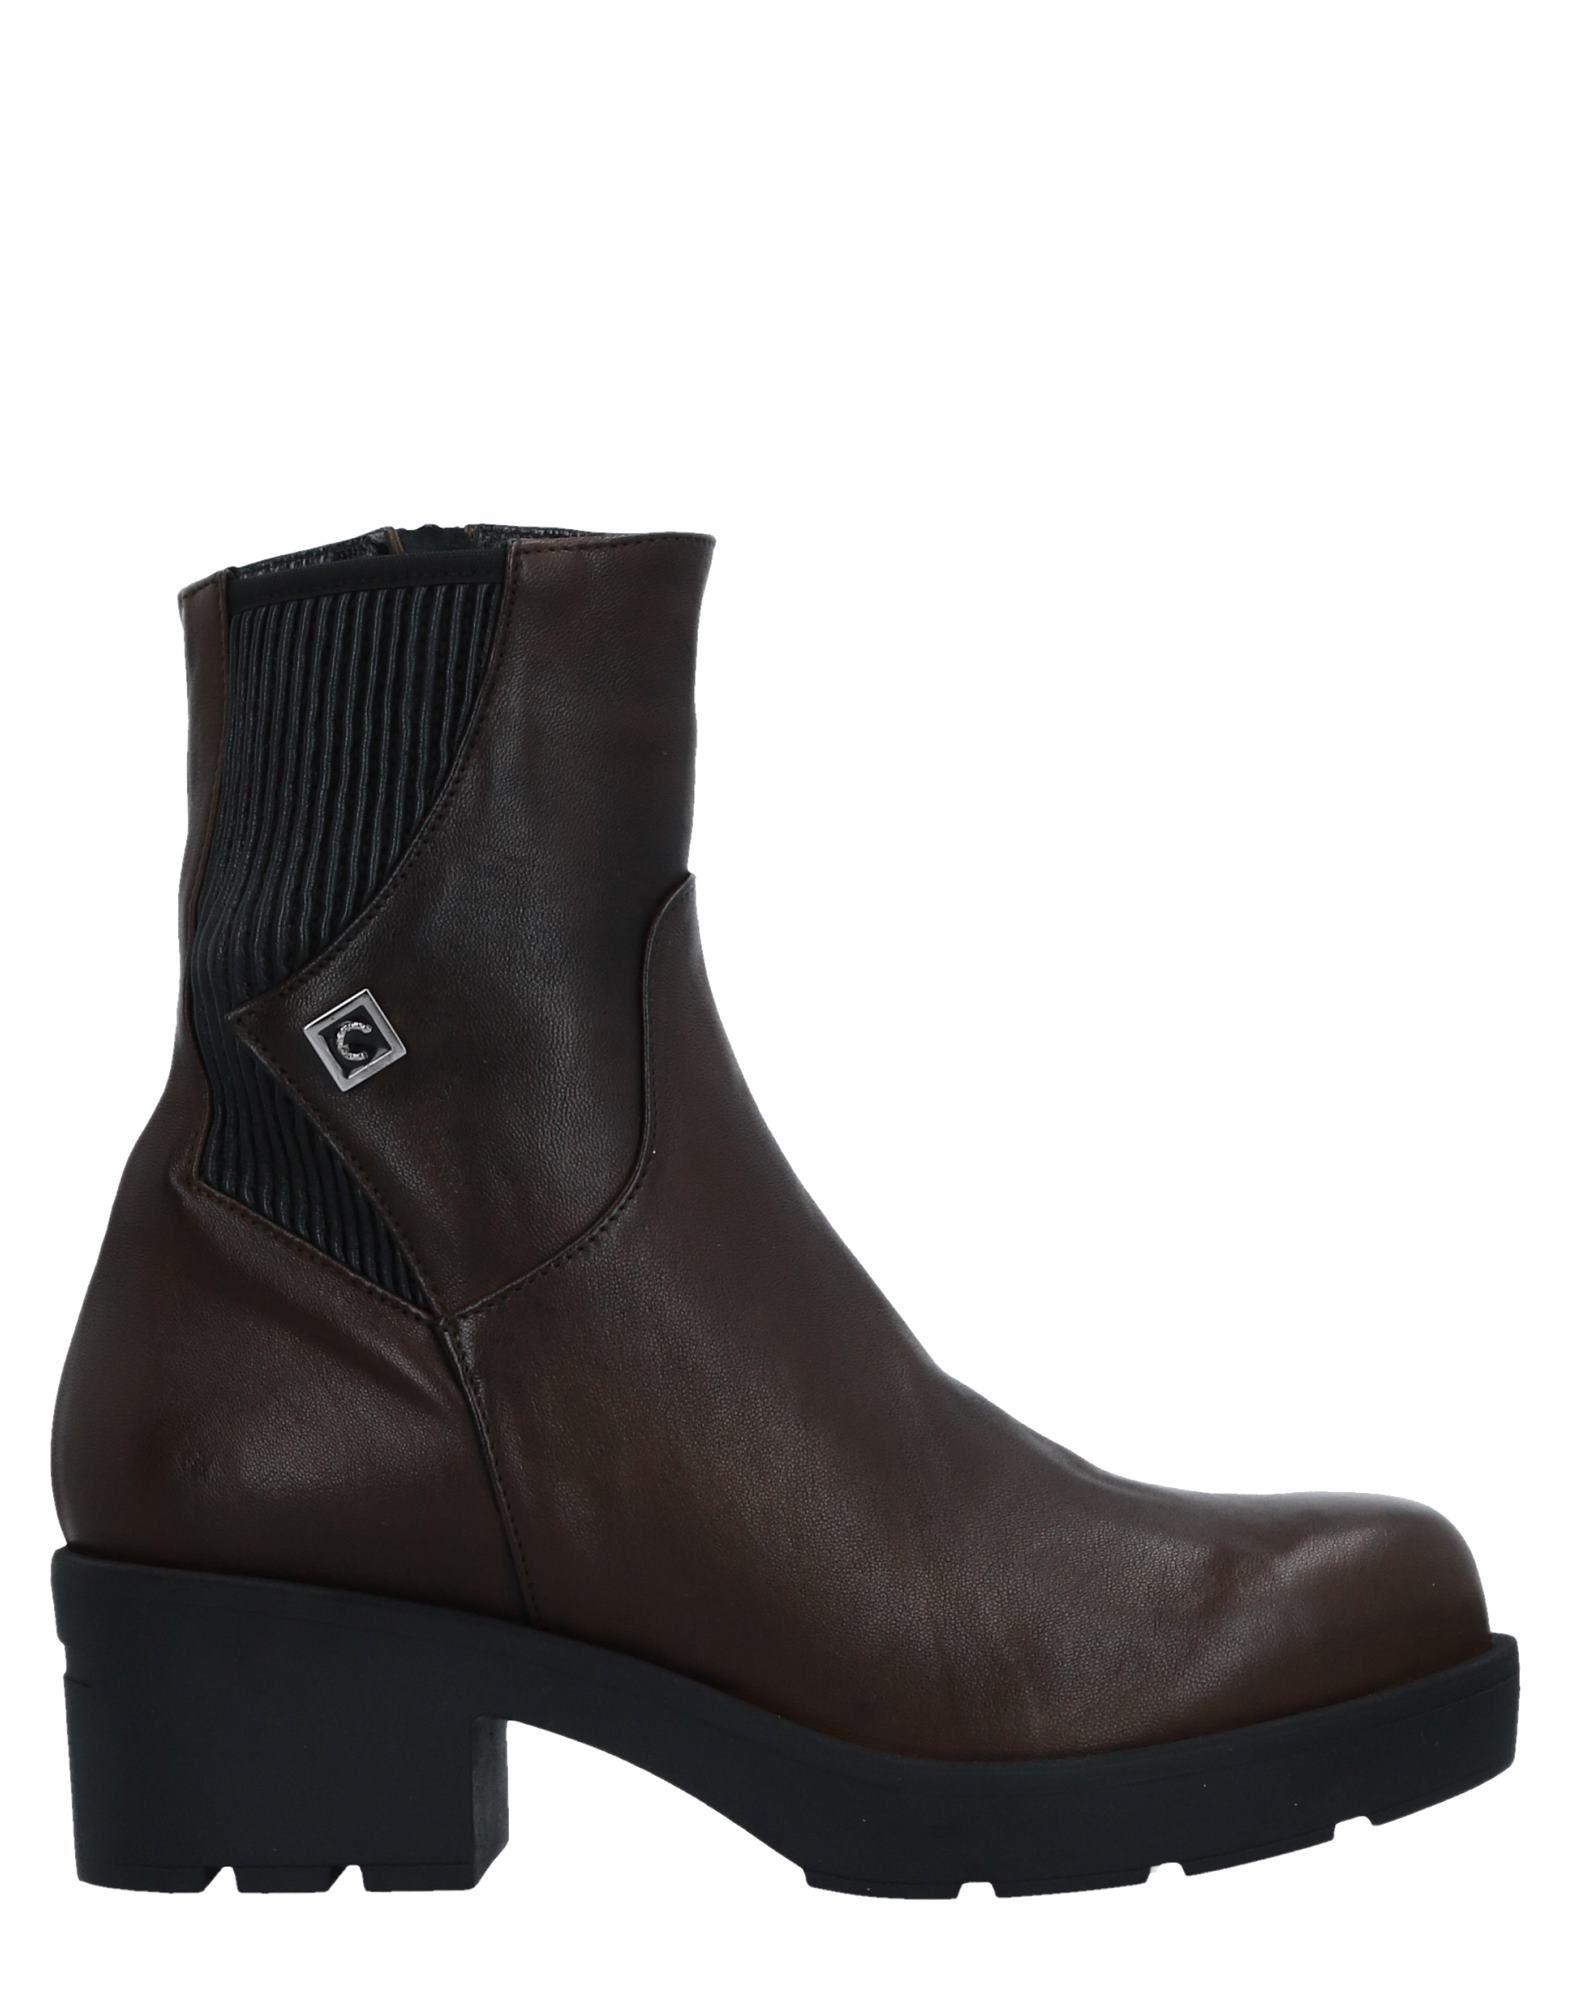 Conni Stiefelette Damen  11517787GTGut aussehende strapazierfähige Schuhe